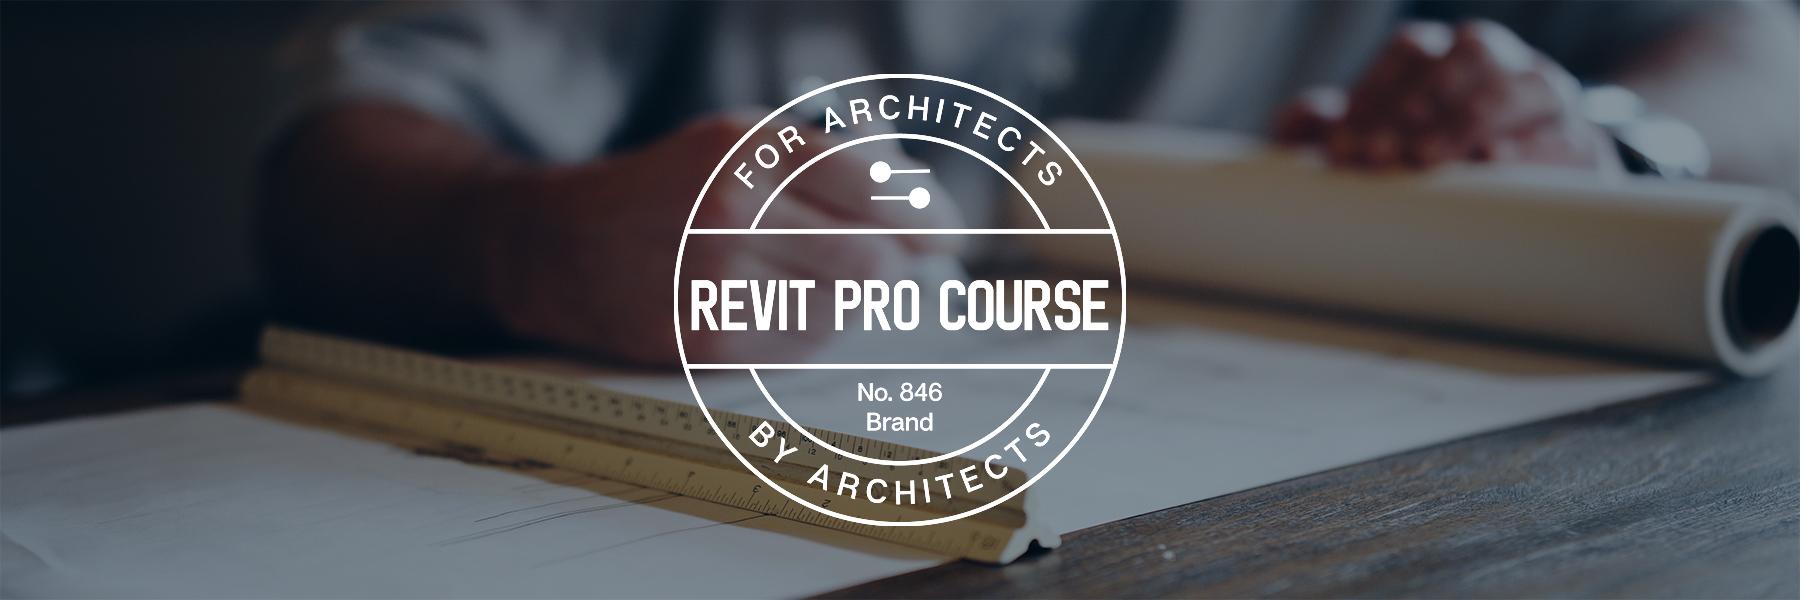 Revit Questions - Hyperfine Architecture